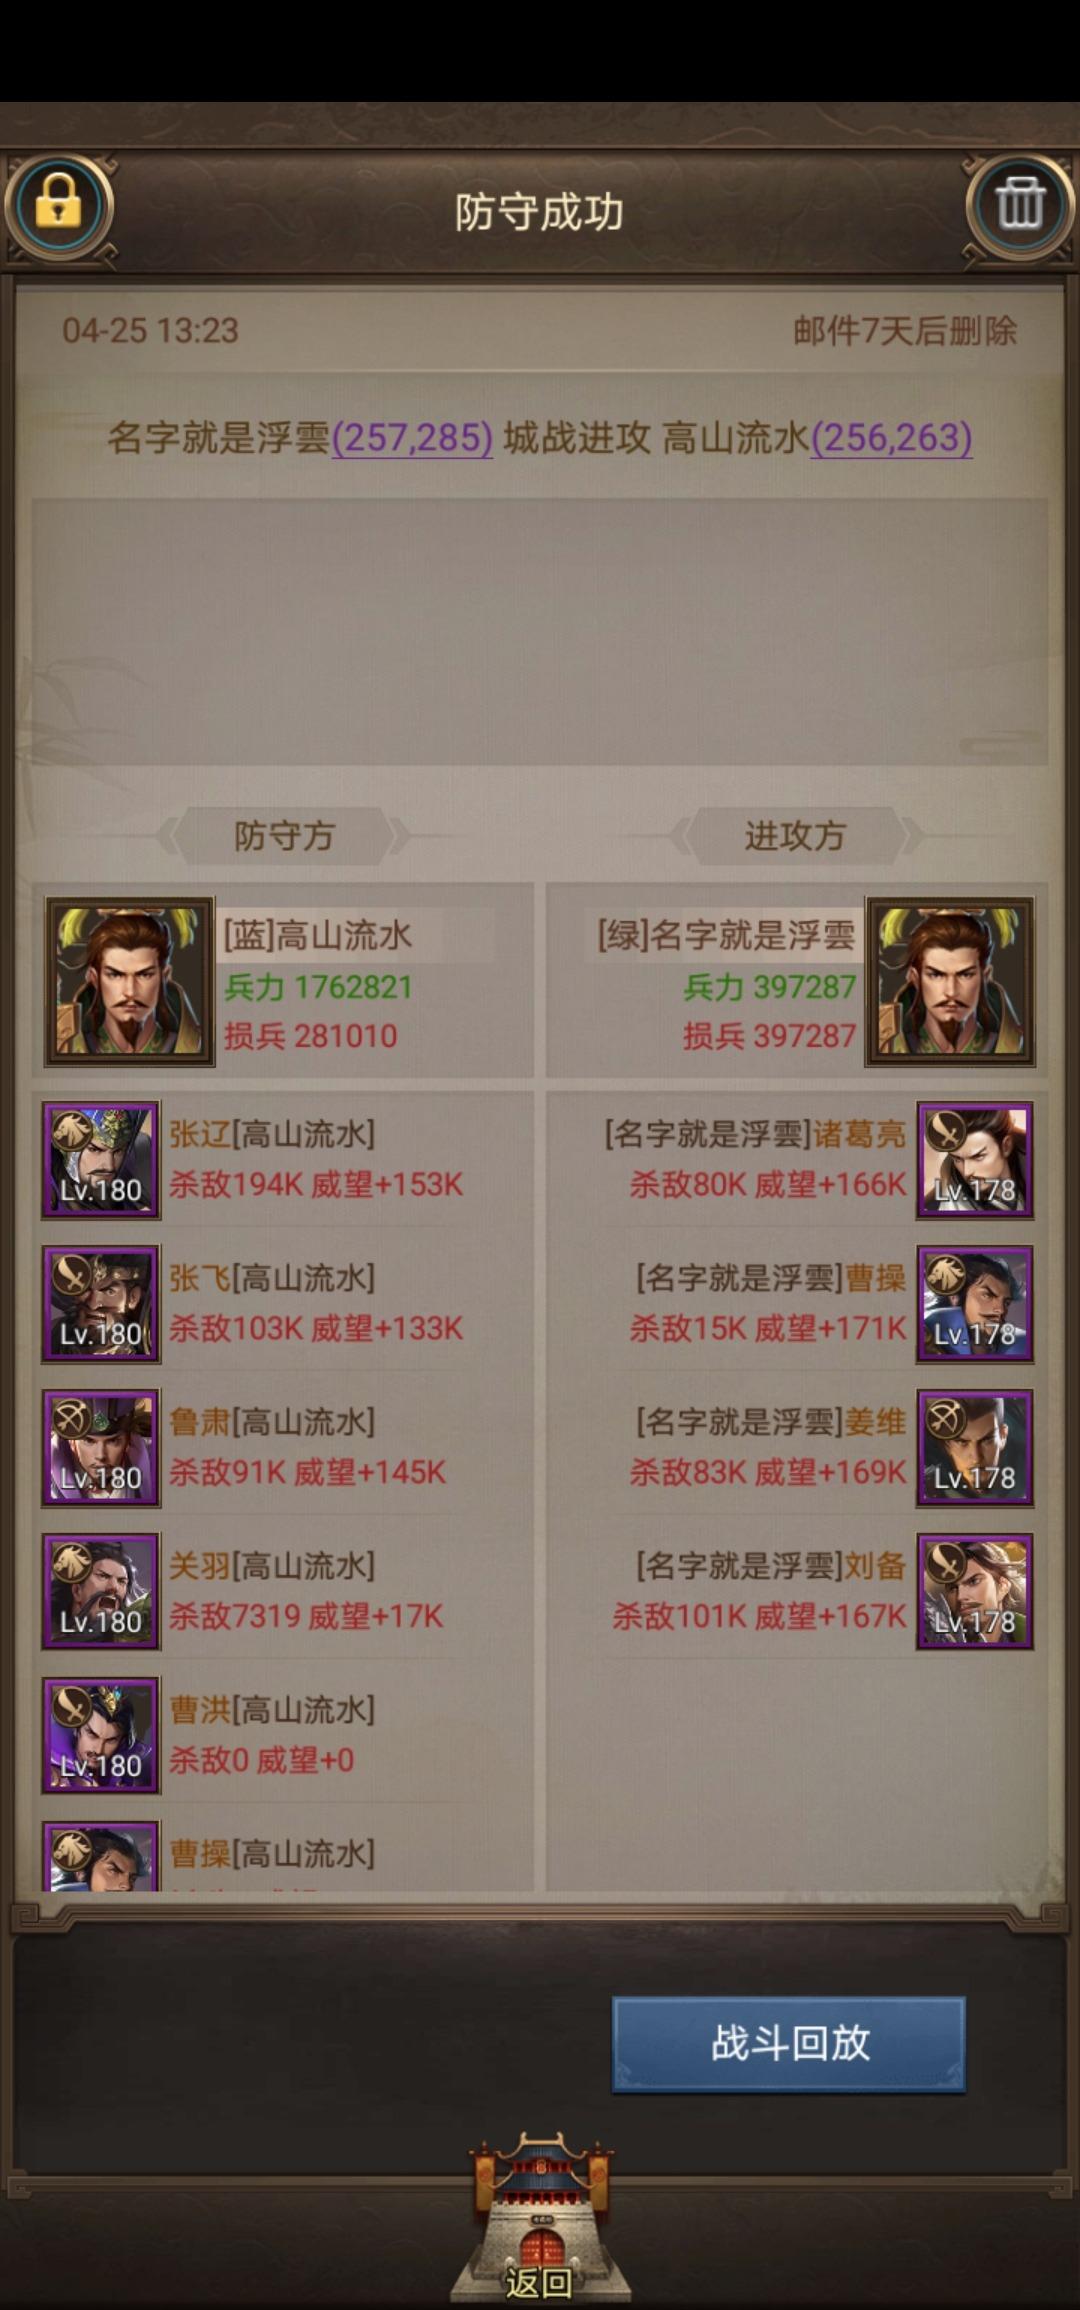 Screenshot_20200425_181159_juedi.tatuyin.rxsg.huawei.jpg